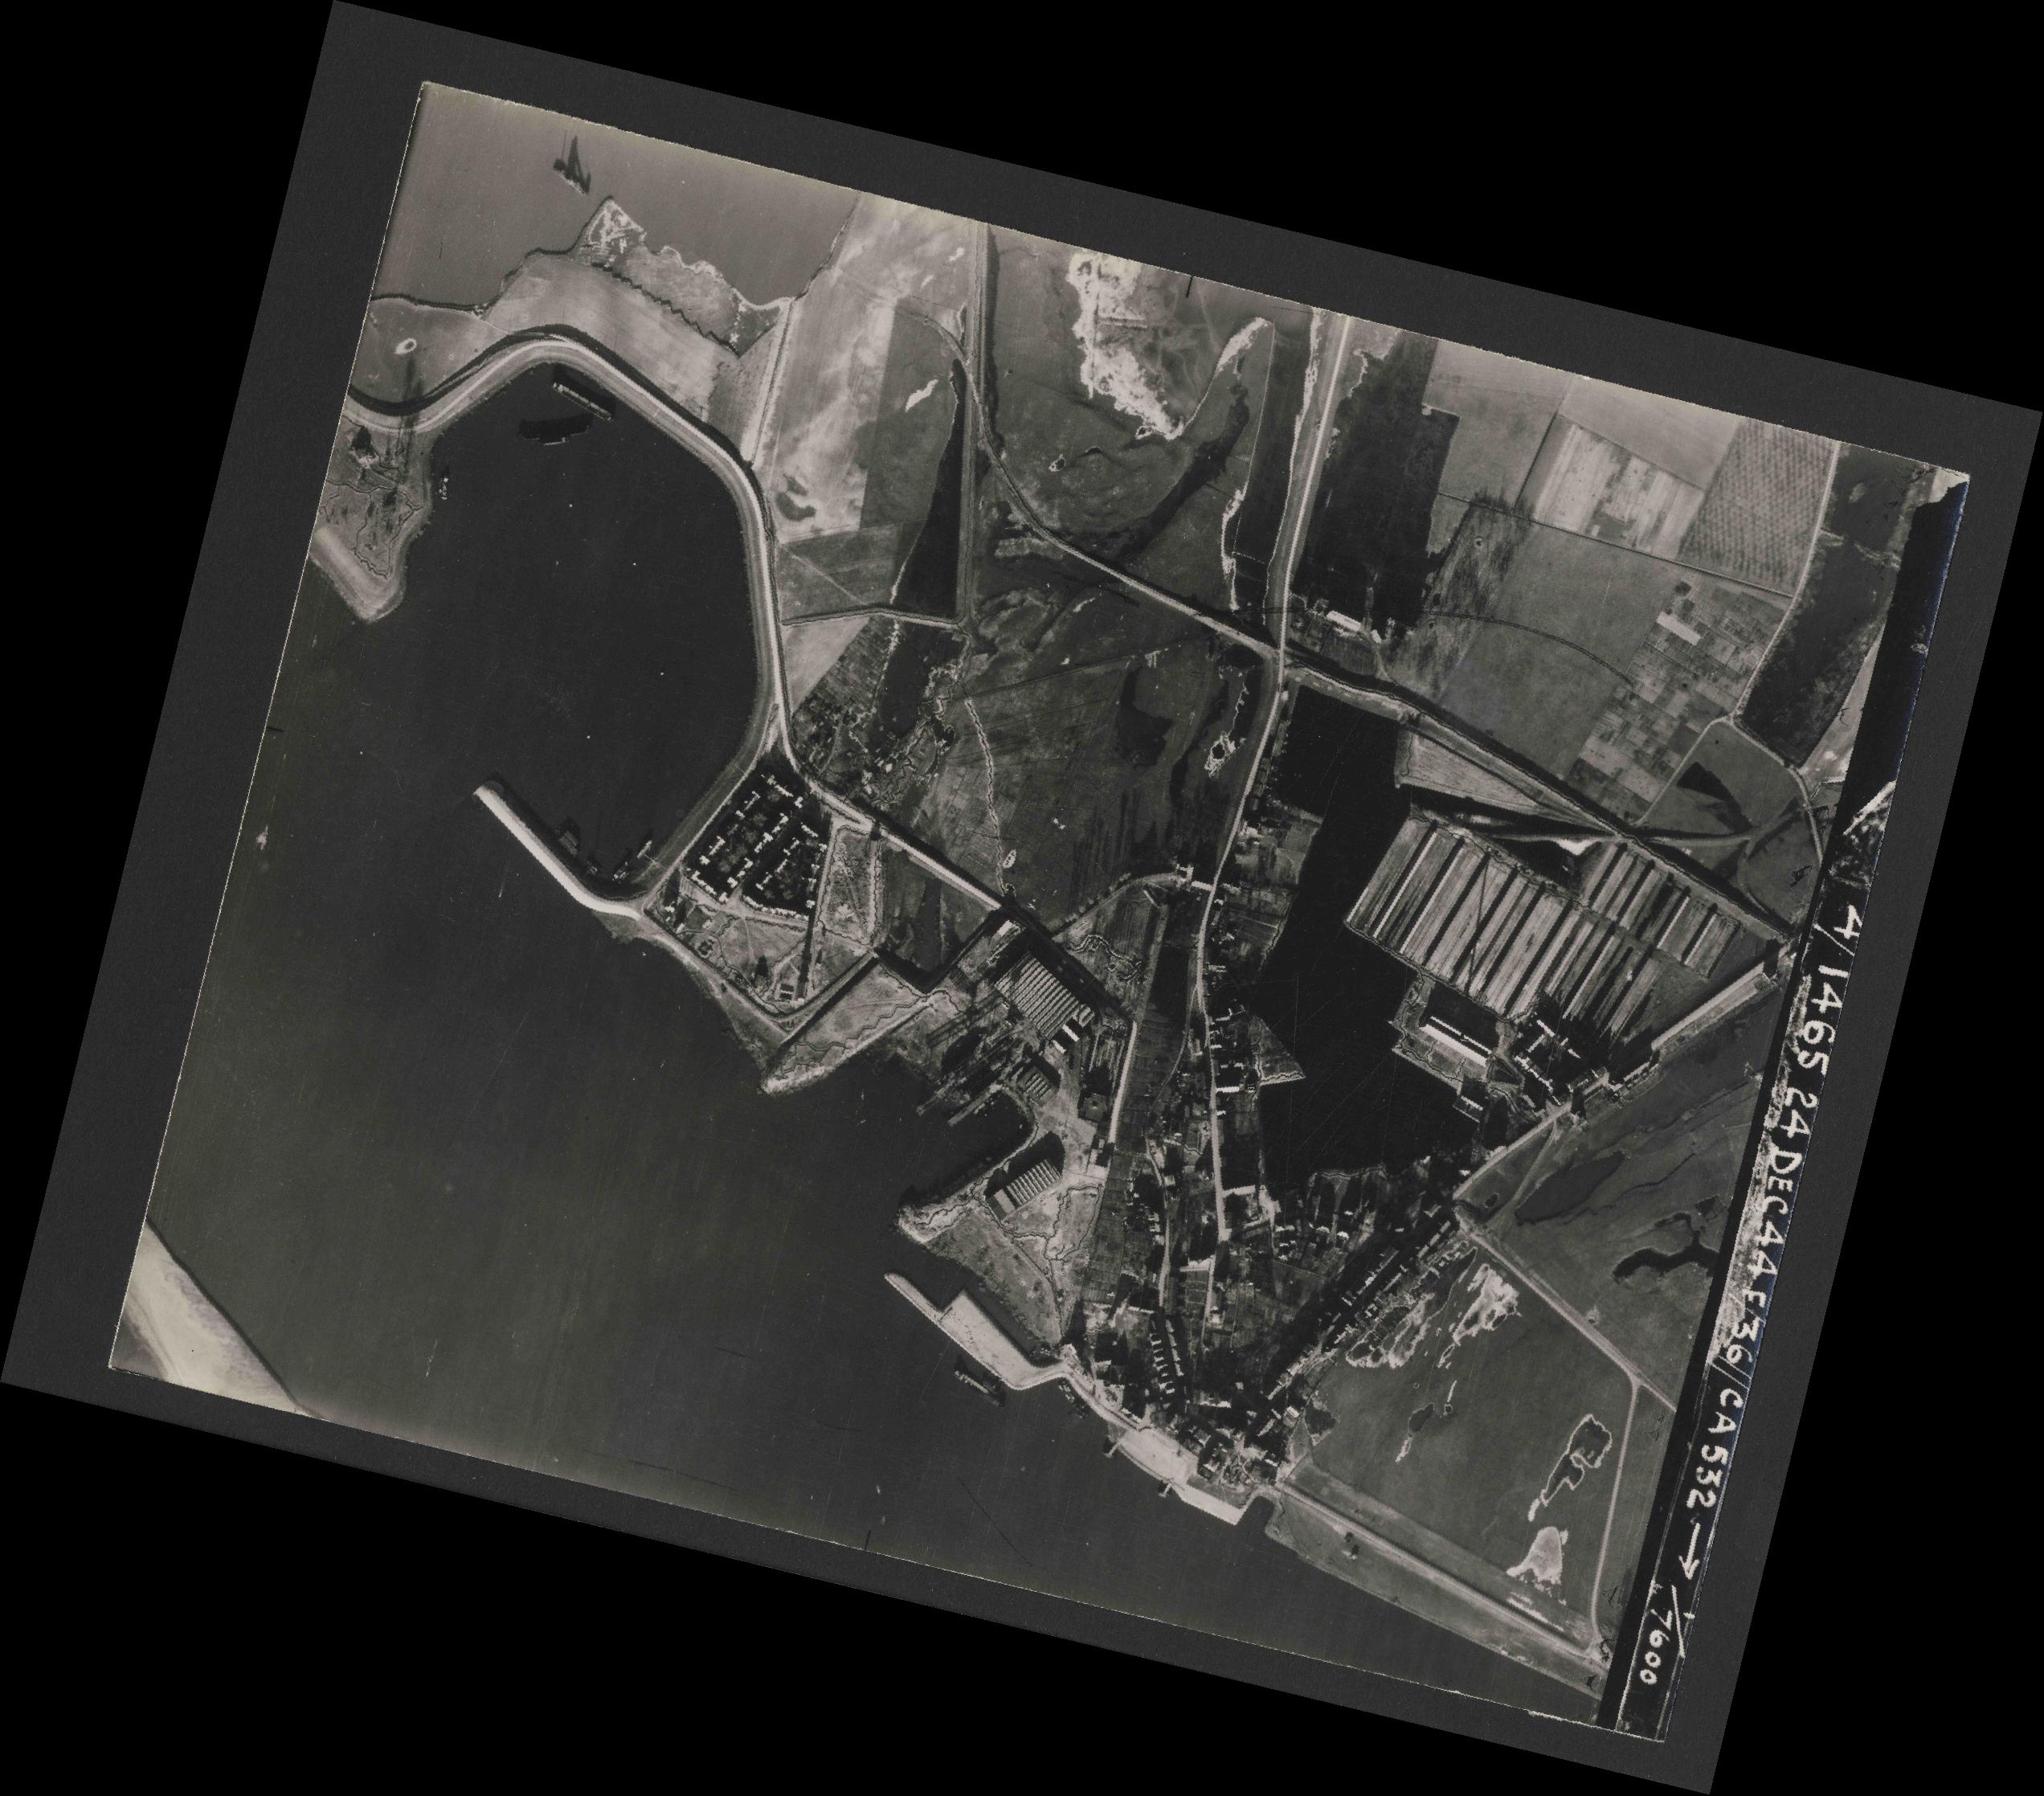 Collection RAF aerial photos 1940-1945 - flight 304, run 04, photo 3032